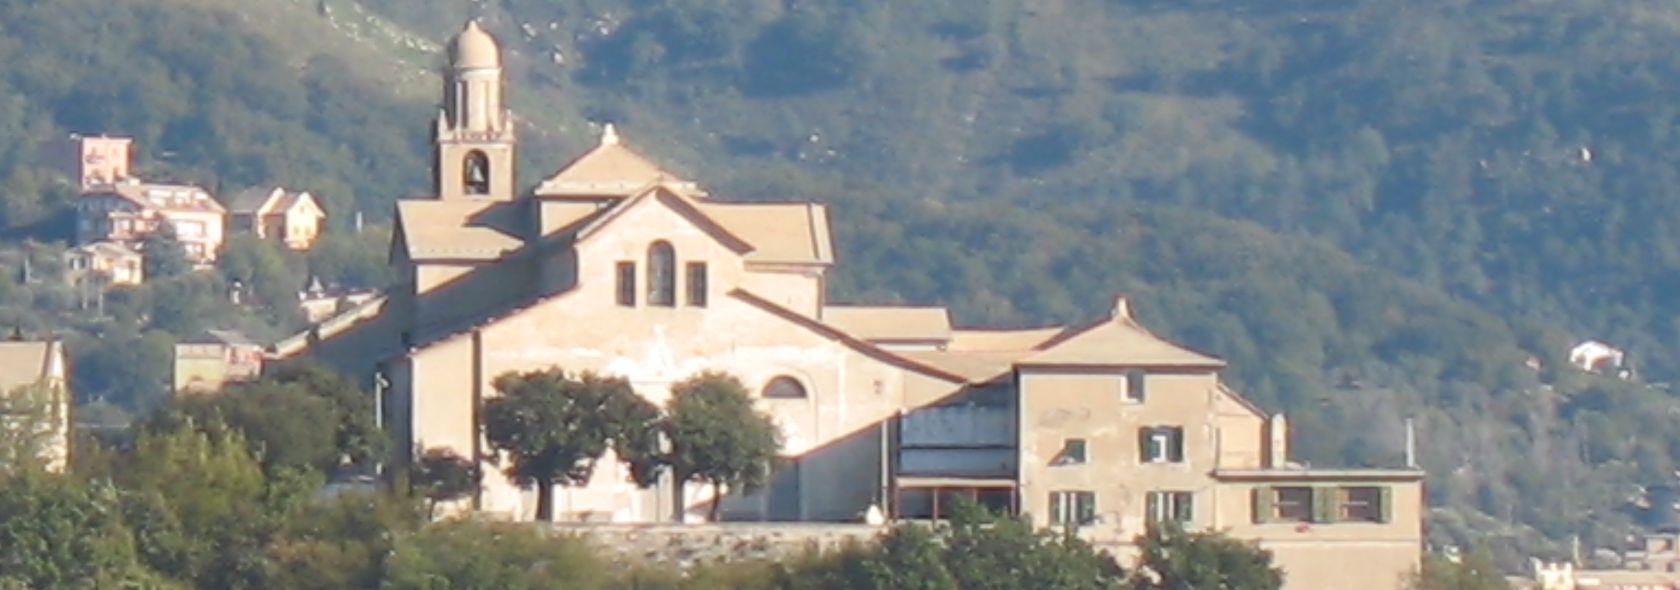 Santuario di Nostra Signora del Monte - foto: Twice25 & Rinina25 (CC-by-2.5)